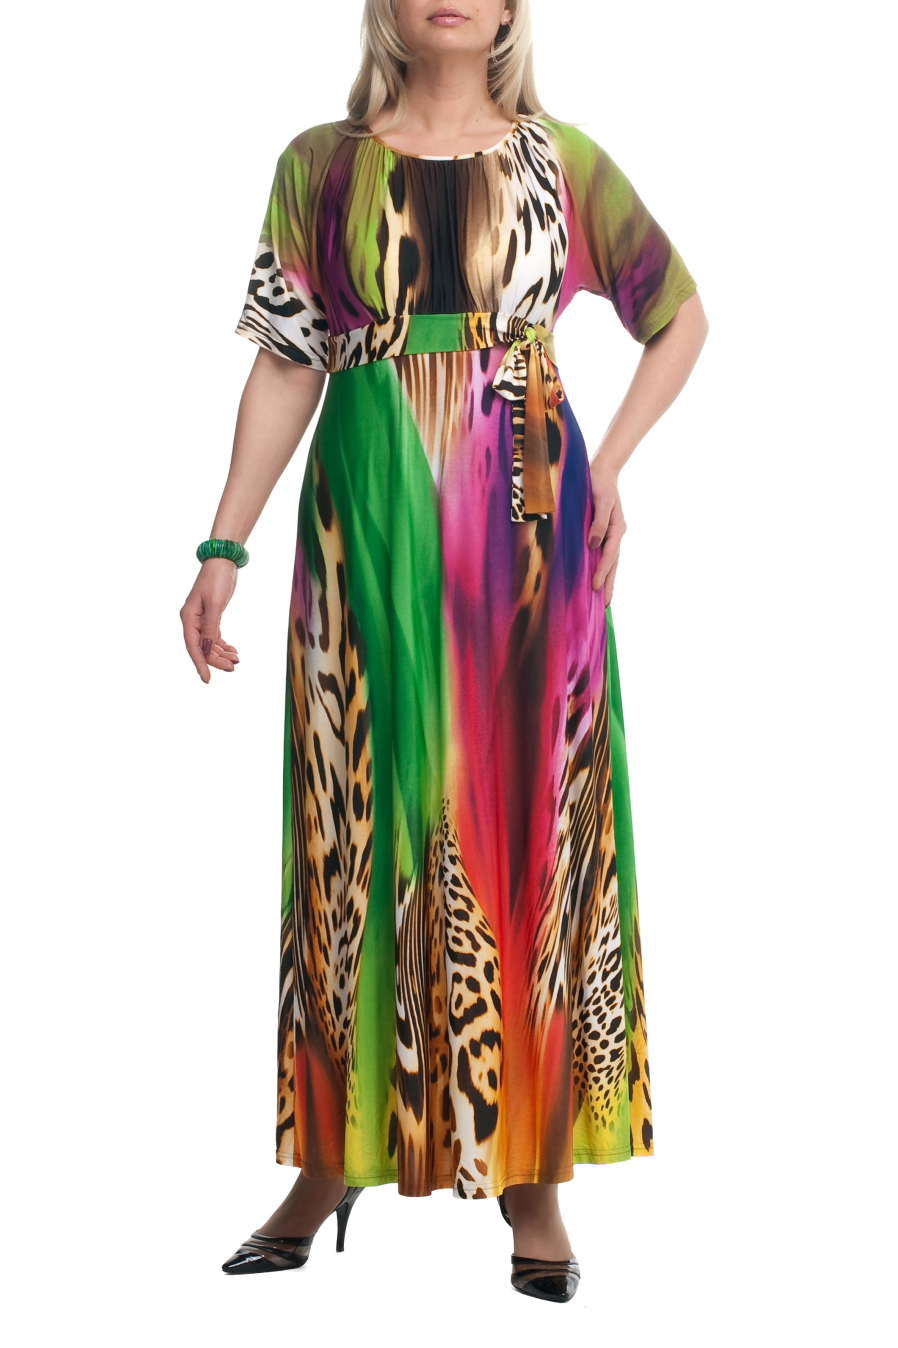 ПлатьеПлатья<br>Яркое платье в пол. Модель выполнена из приятного материала. Отличный выбор для летнего гардероба.  Цвет: мультицвет  Рост девушки-фотомодели 173 см.<br><br>Горловина: С- горловина<br>По длине: Макси<br>По материалу: Трикотаж<br>По рисунку: Леопард,С принтом,Цветные<br>По силуэту: Полуприталенные<br>По стилю: Повседневный стиль,Летний стиль<br>Рукав: До локтя<br>По сезону: Лето<br>По элементам: С завышенной талией<br>Размер : 52,54,56,60,62,64,66,68,70<br>Материал: Холодное масло<br>Количество в наличии: 28